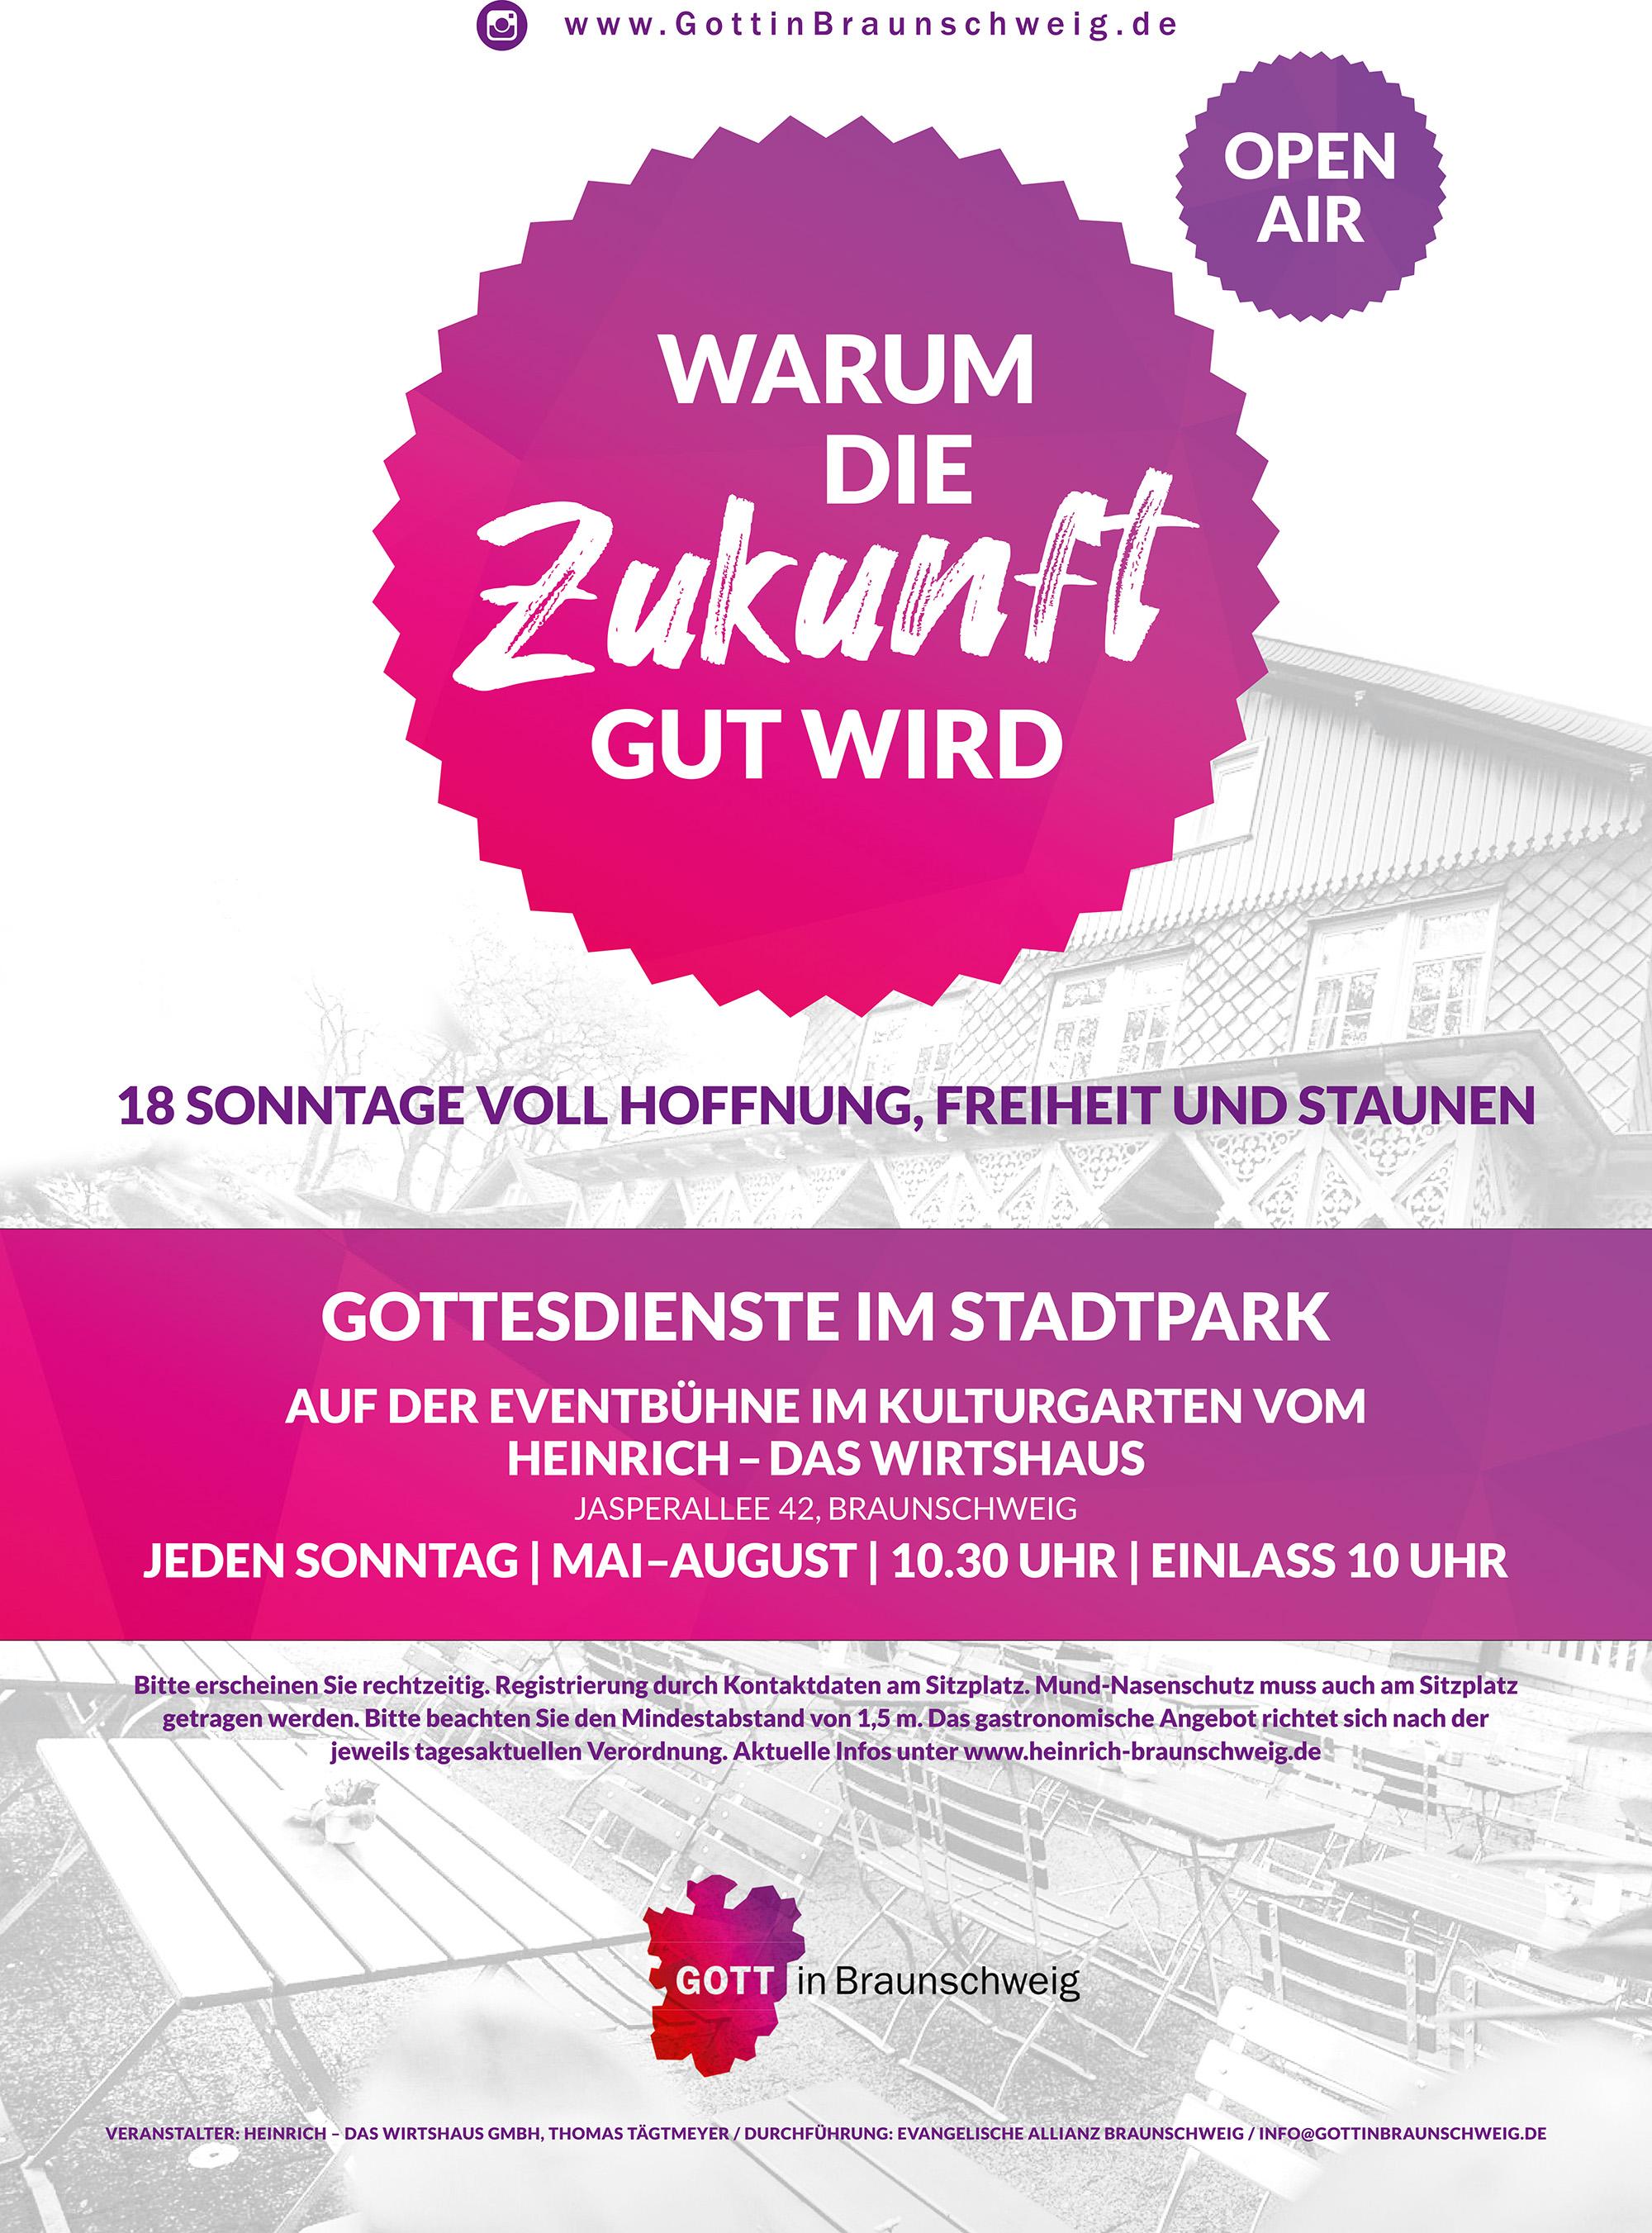 heinrich_event_plakat_4.21.indd